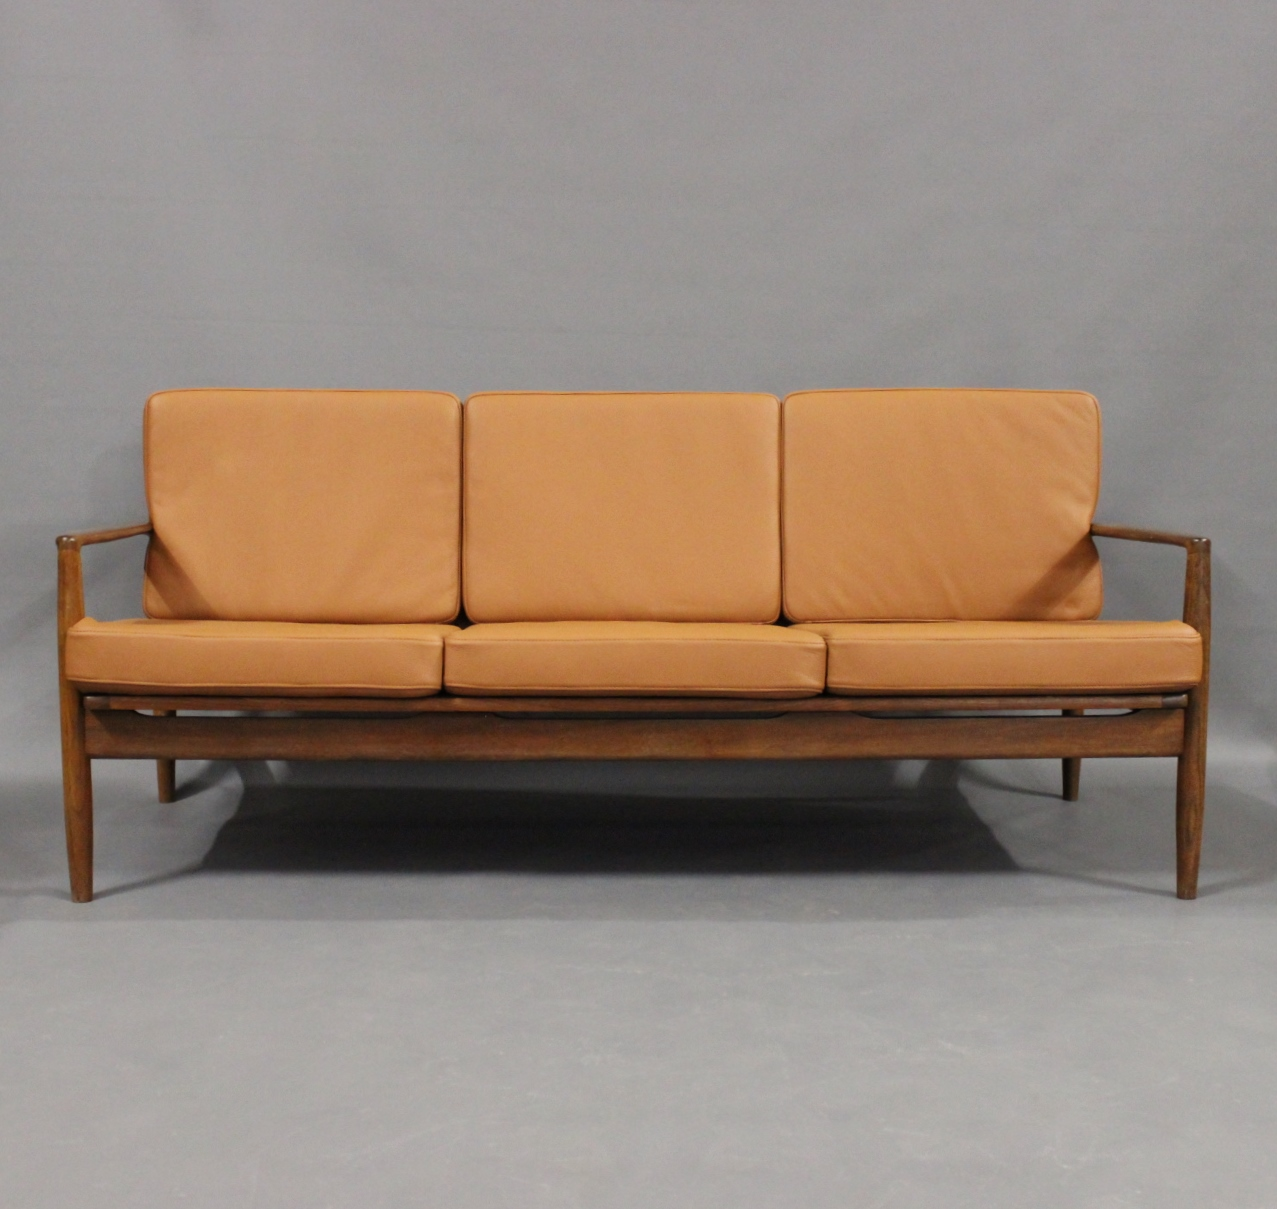 Picture of: Www Antikvitet Net Tre Personers Sofa I Palisander Og Hynder Af Cognac Farvet Laeder Af Dansk Design Fra 1960erne 50